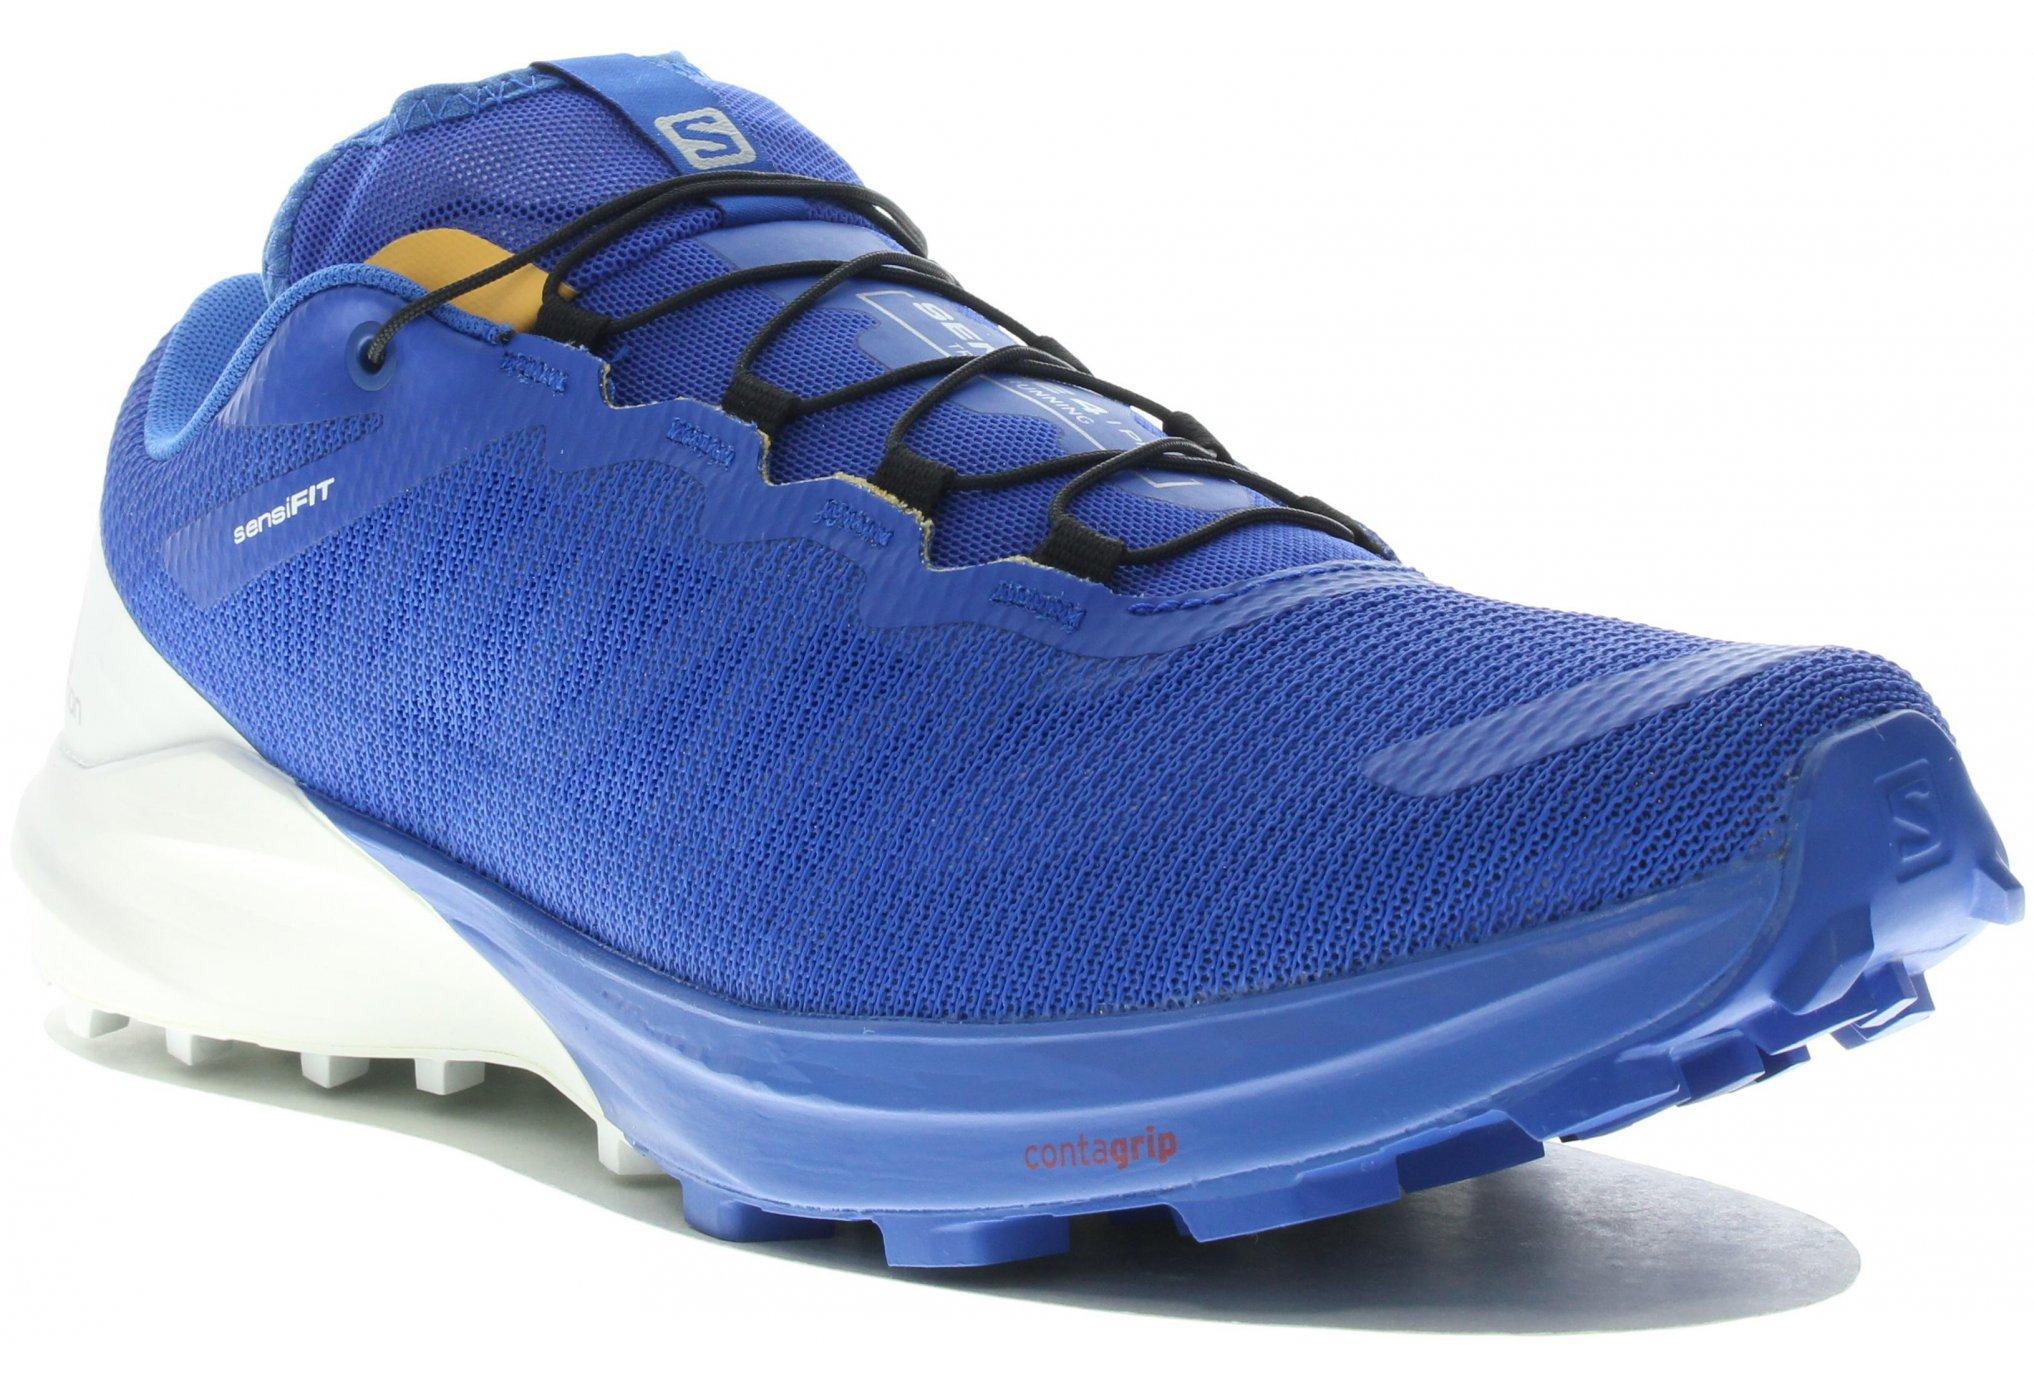 Salomon Sense 4 Pro M Chaussures homme